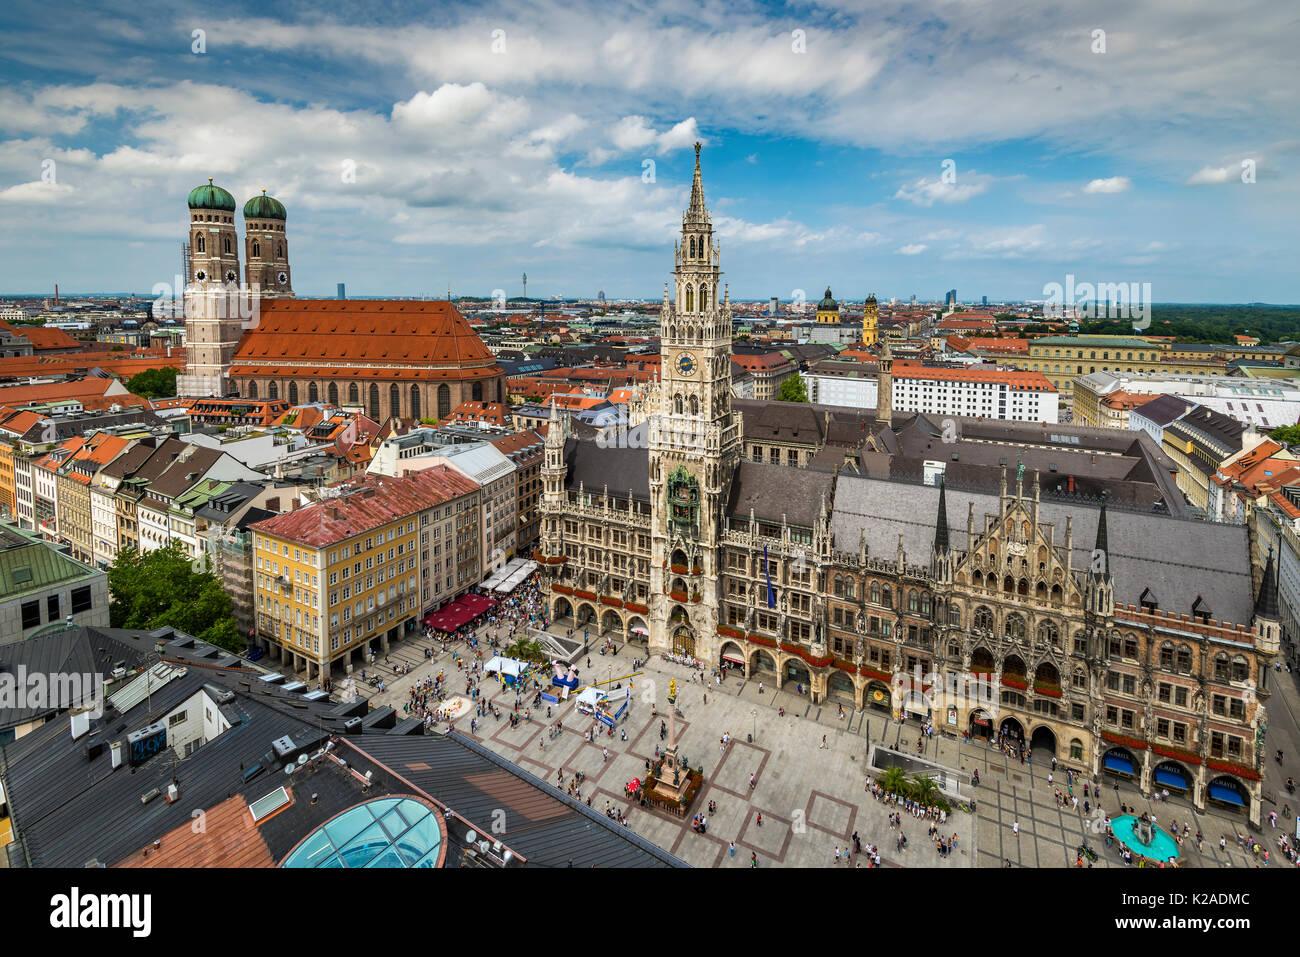 Sur les toits de la ville avec la cathédrale Frauenkirche et nouvel hôtel de ville ou Neues Rathaus, Munich, Bavière, Allemagne Photo Stock